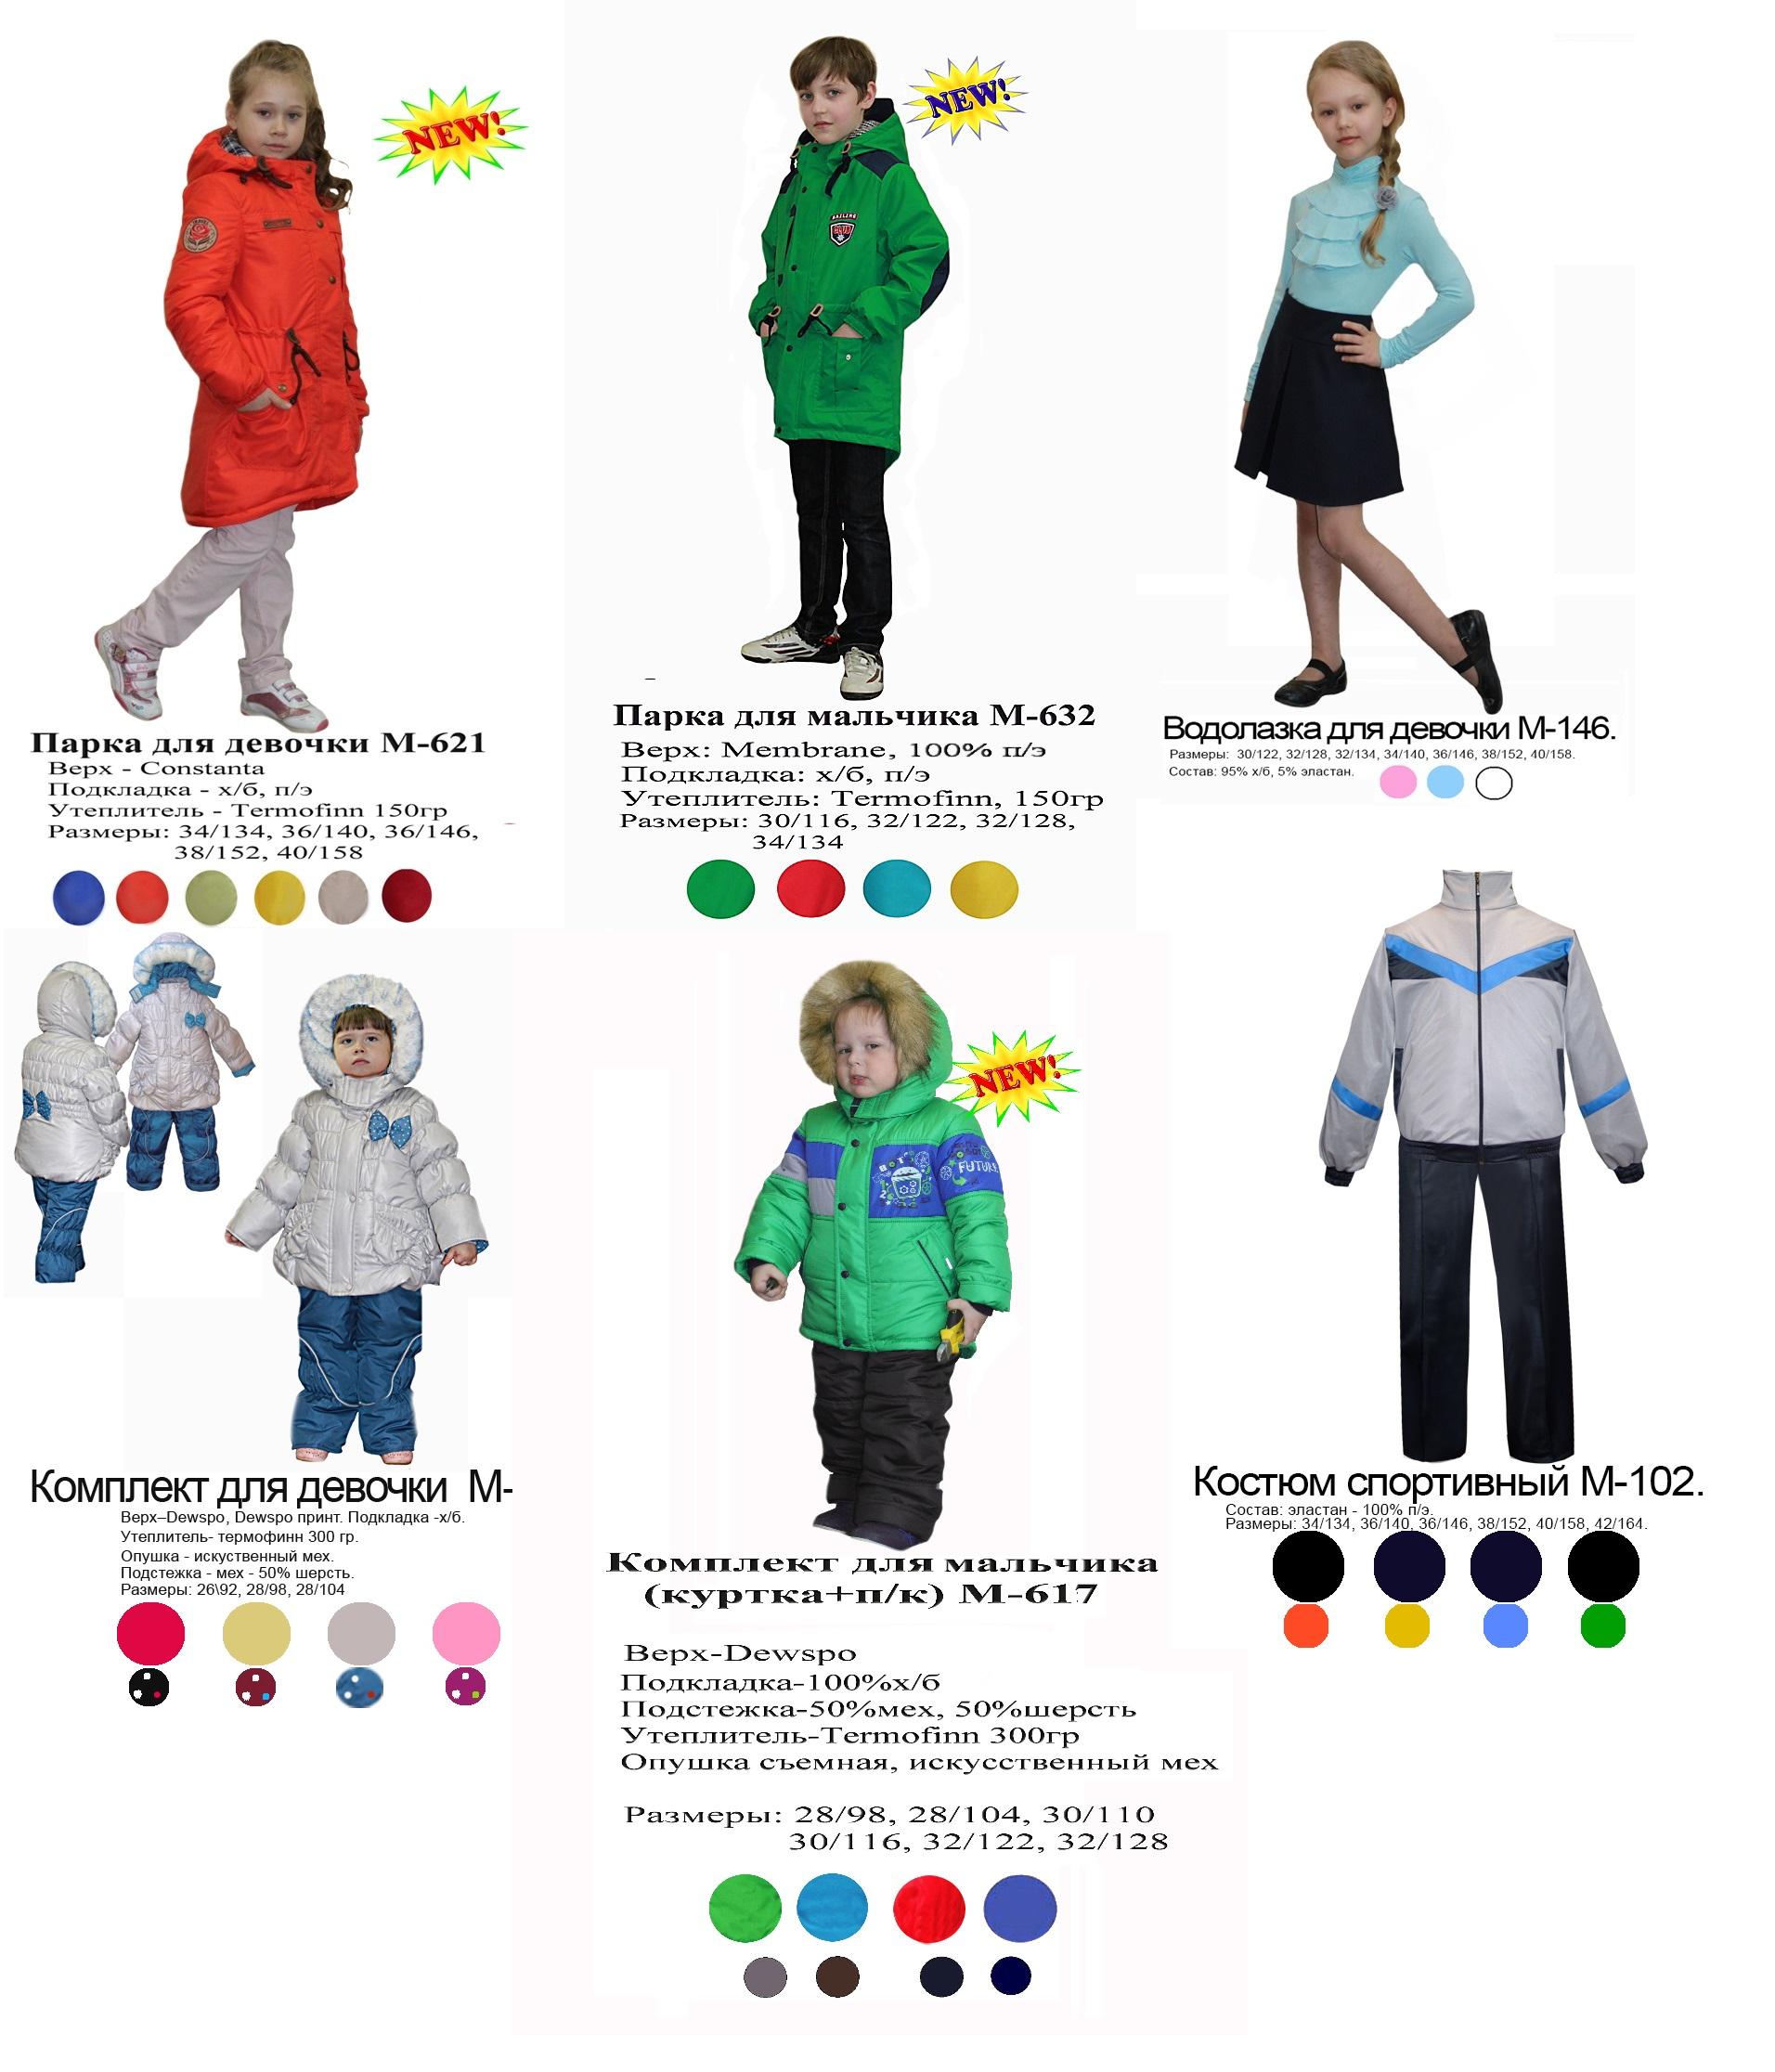 ТМ Эврика верхняя одежда для детей. Осень-Зима 2016-2017. Трикотаж. Школа. Без рядов! Цены радуют! Выкуп 26